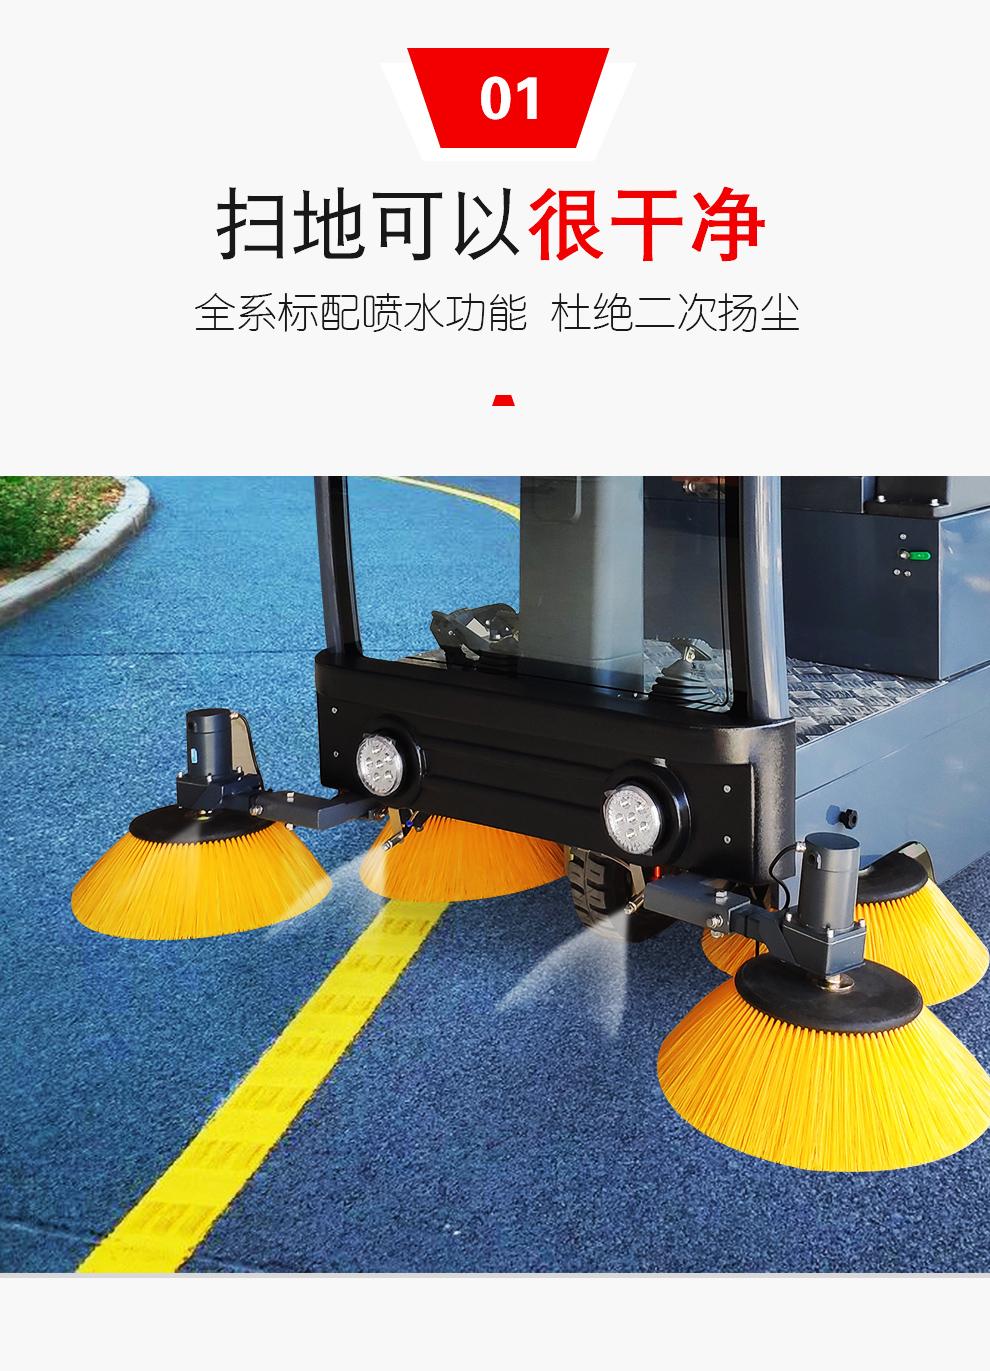 DJ1900Z 电动驾驶式扫地车扫地很干净